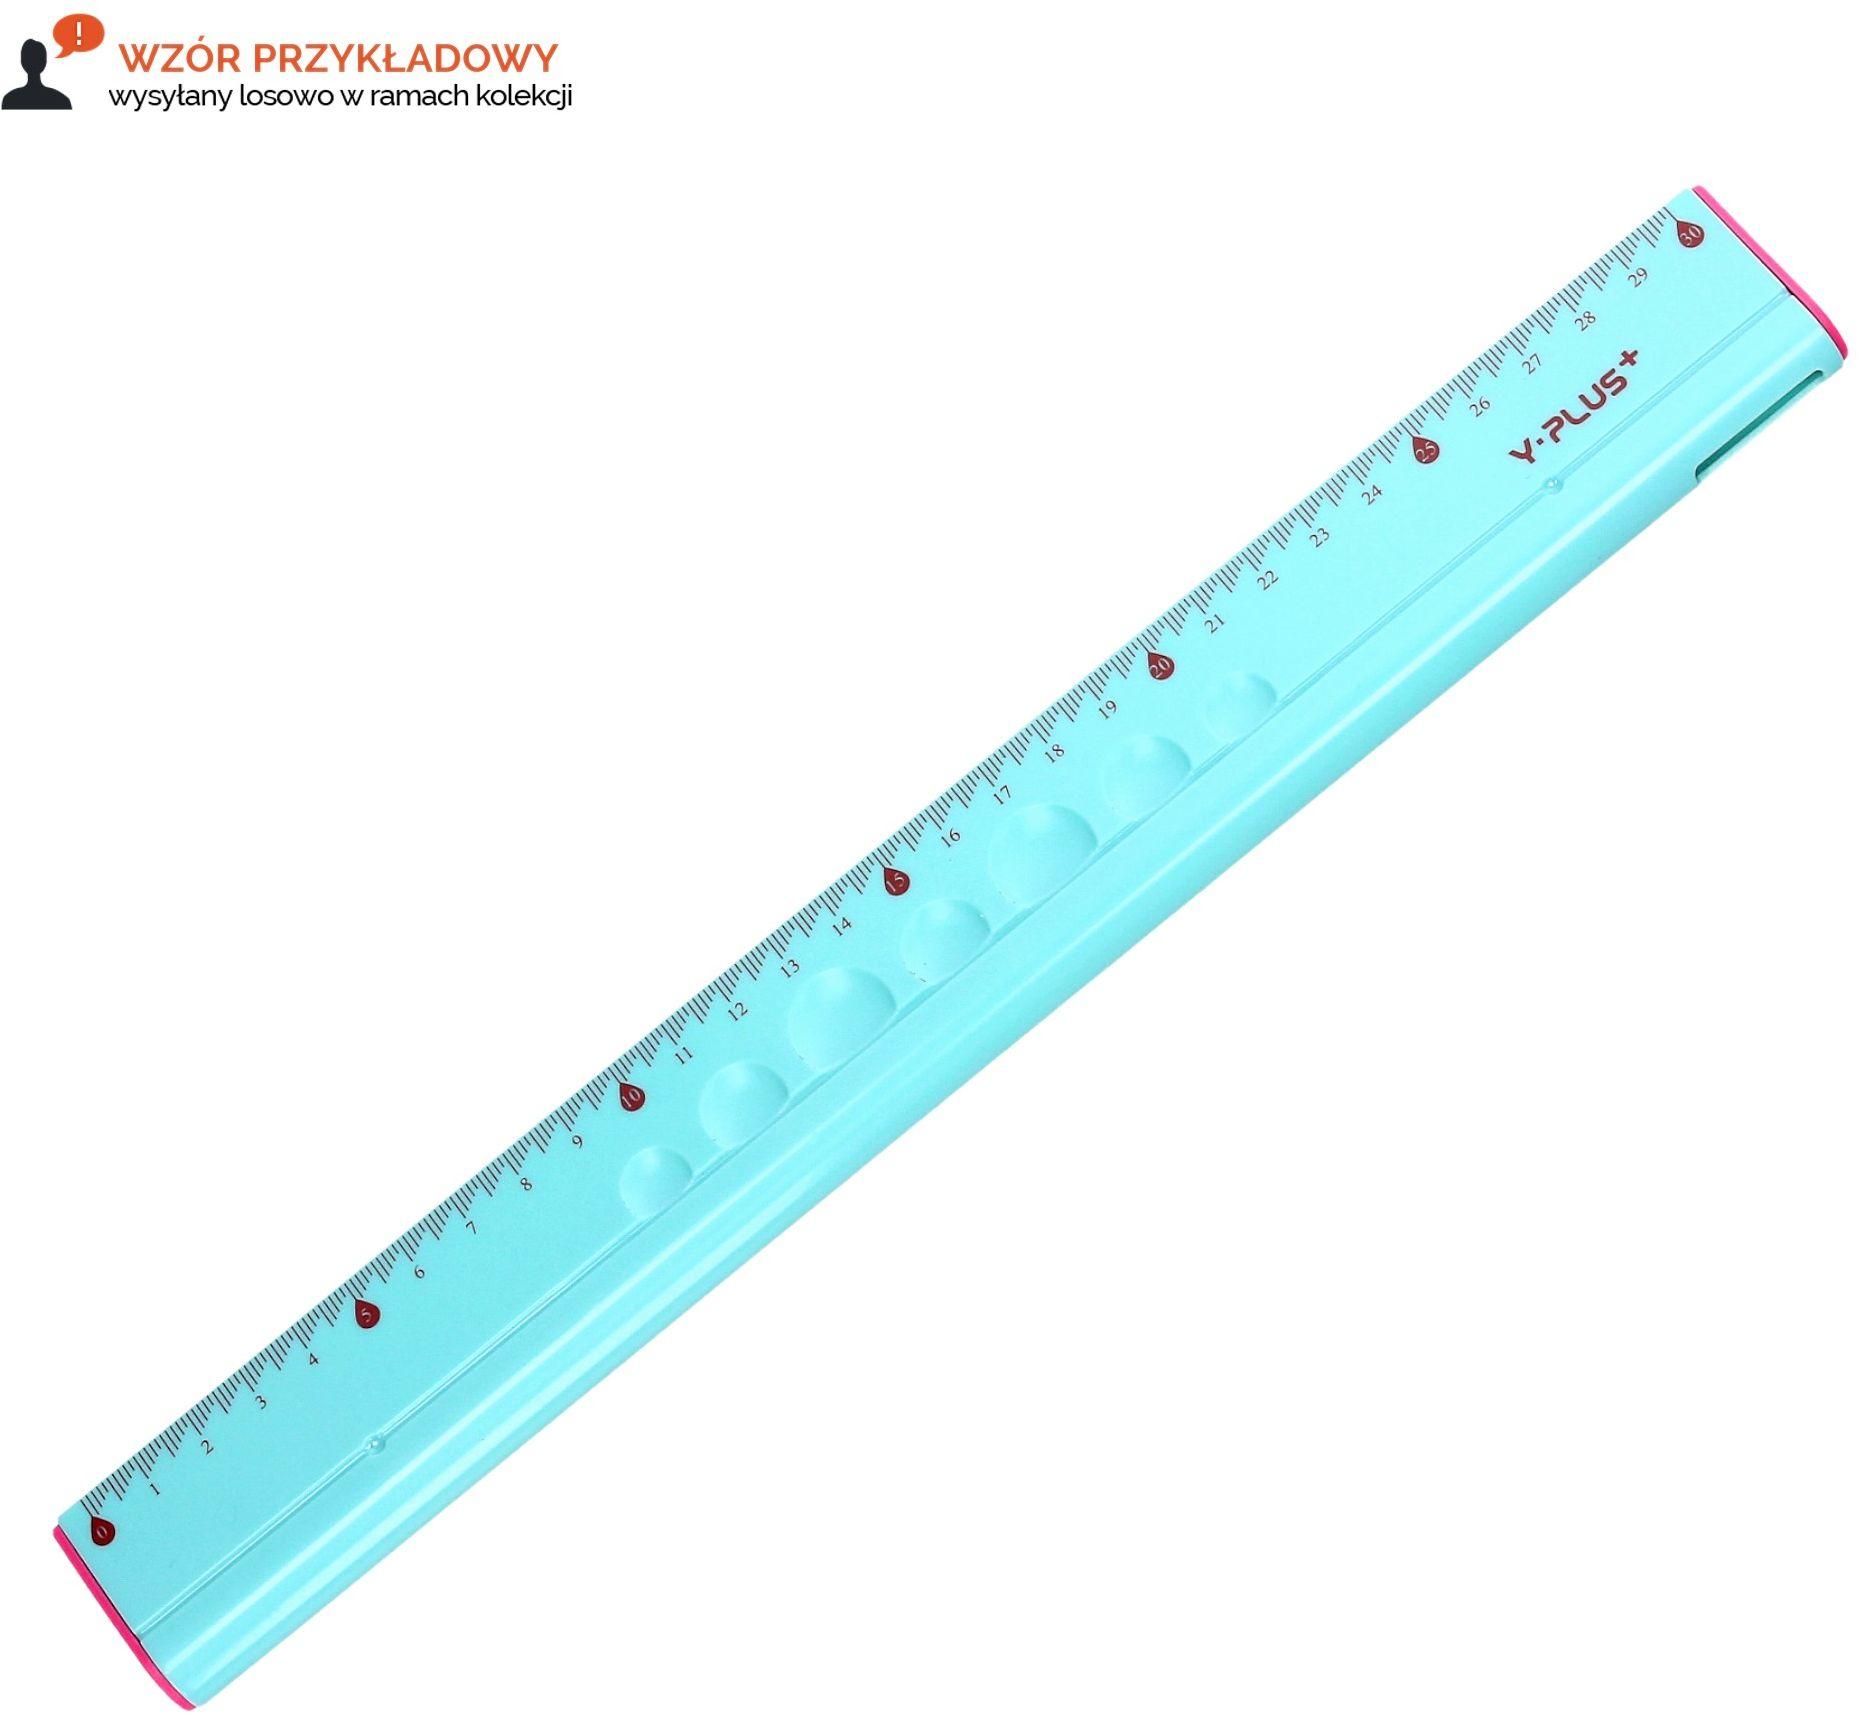 Linijka 30cm wielofunkcyjna Y-PLUS